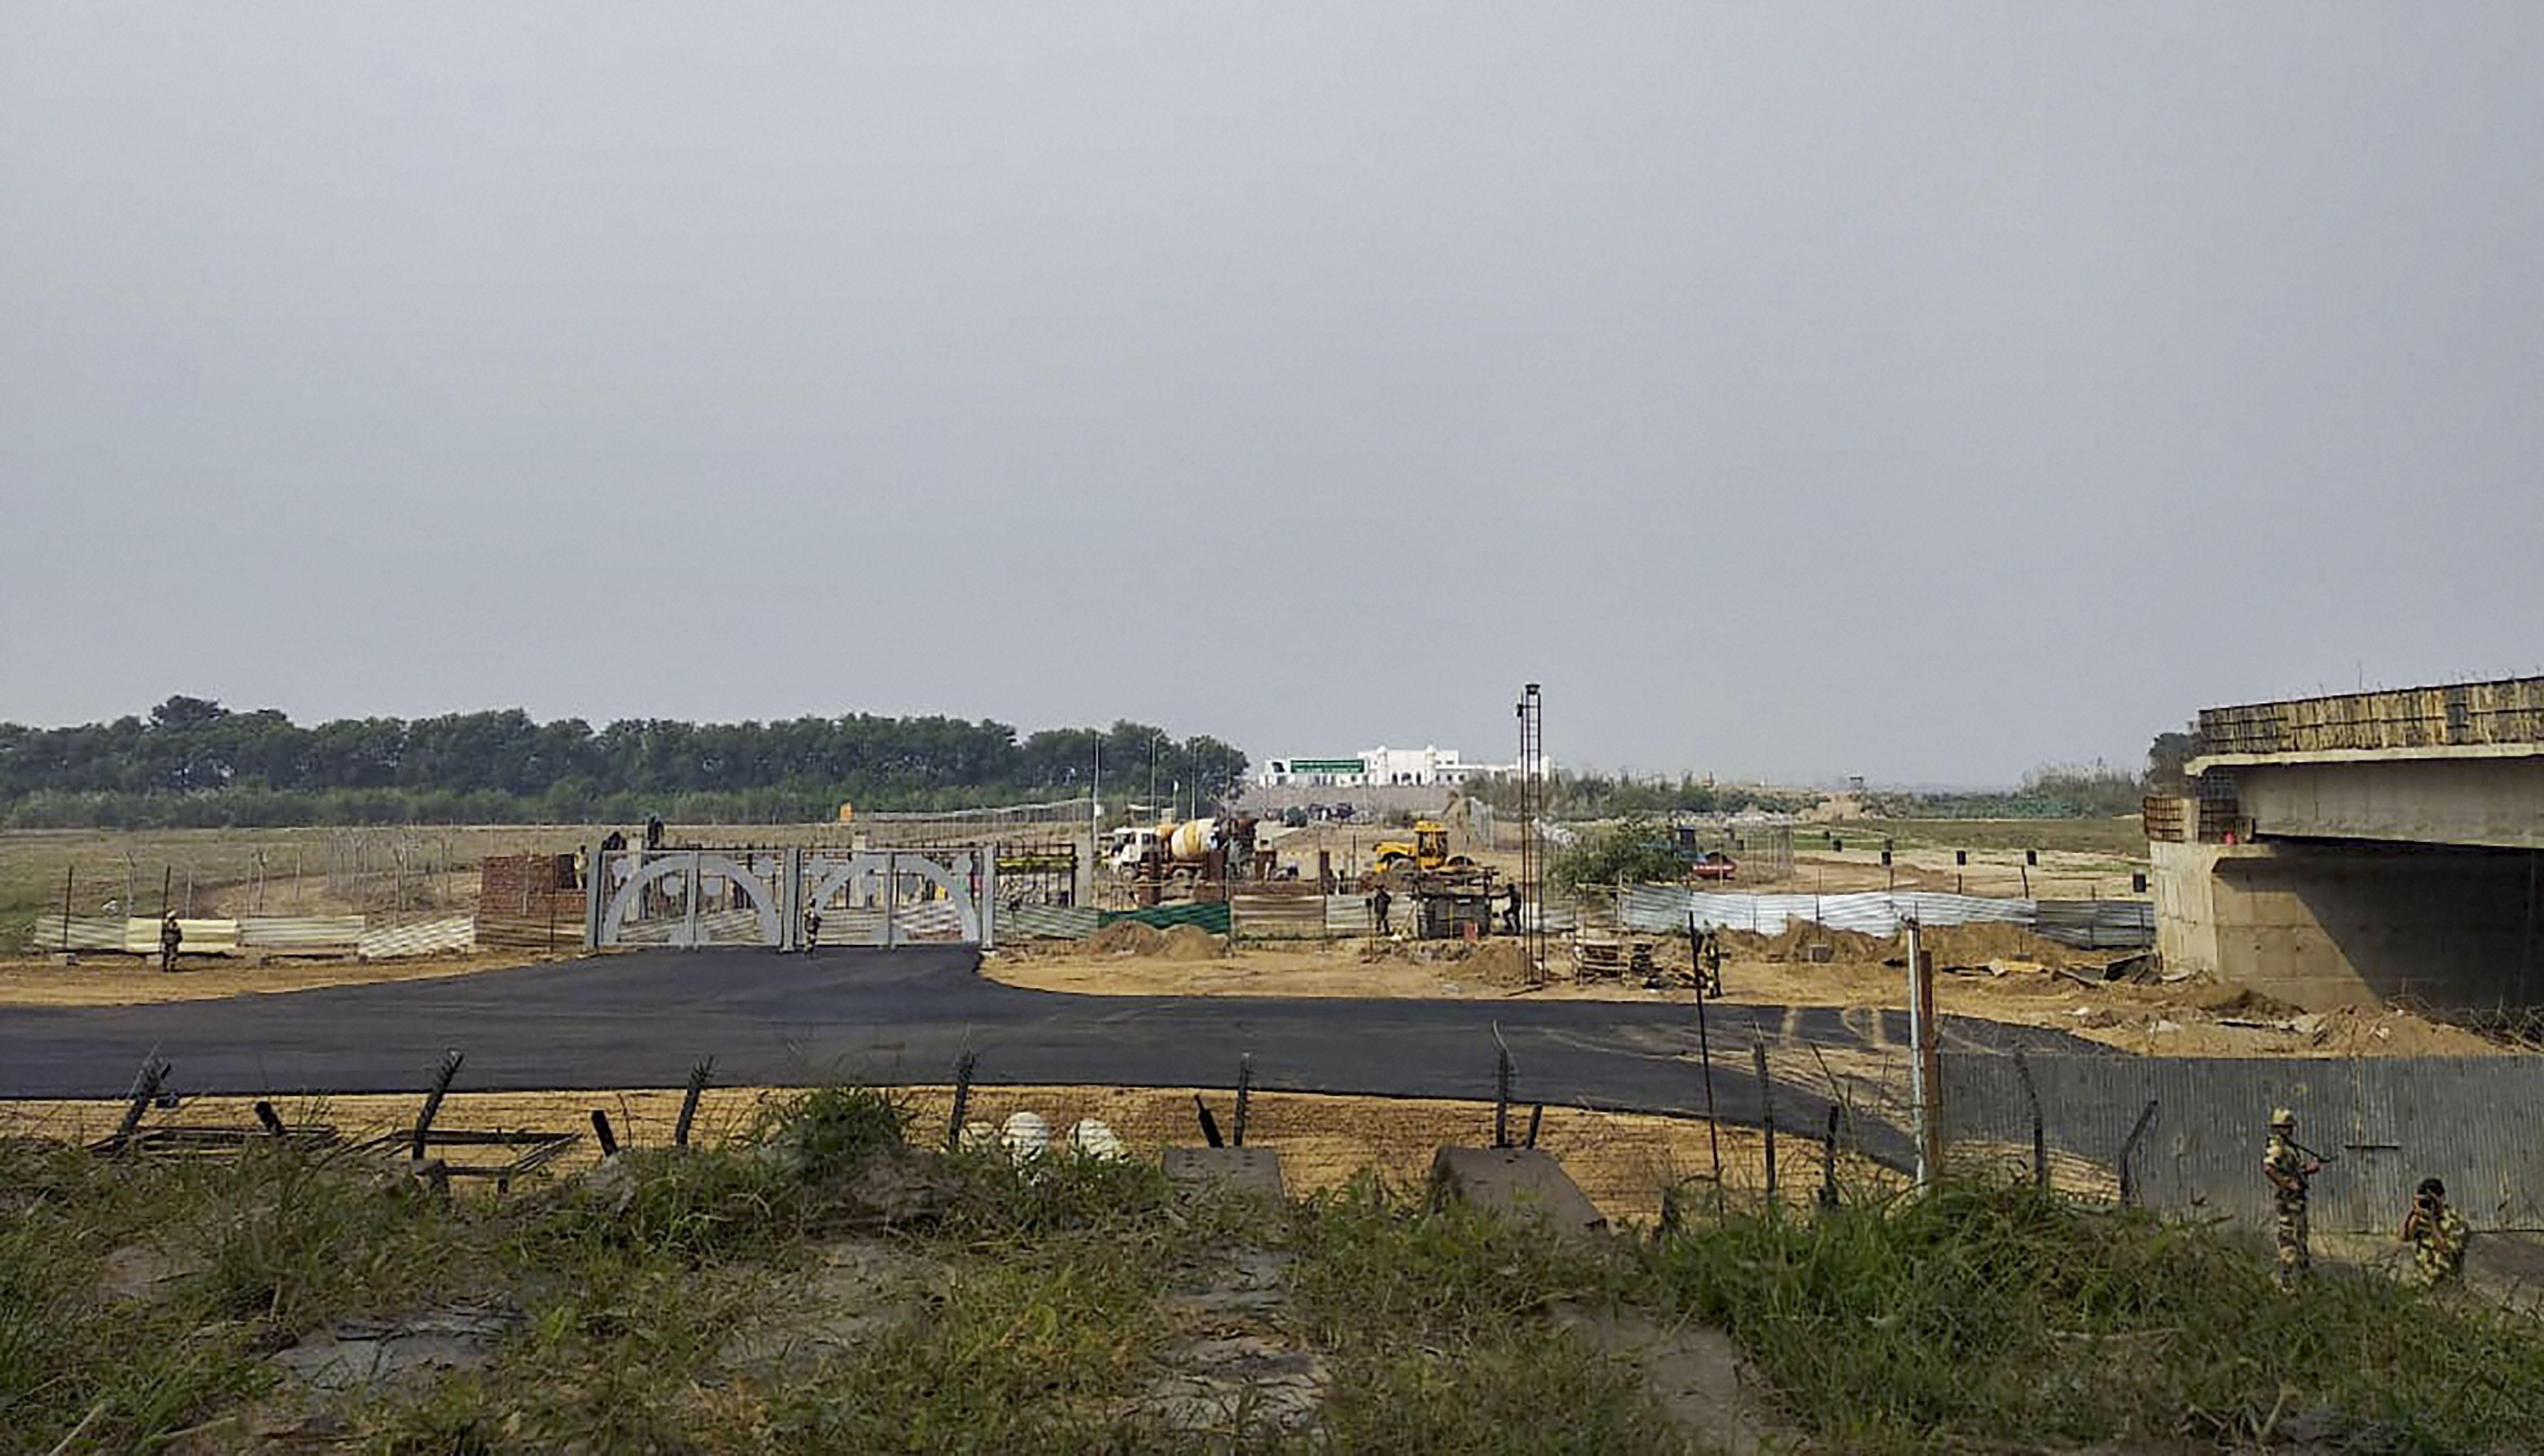 Construction work underway at Kartarpur Corridor in Pakistan, Wednesday, October 16, 2019